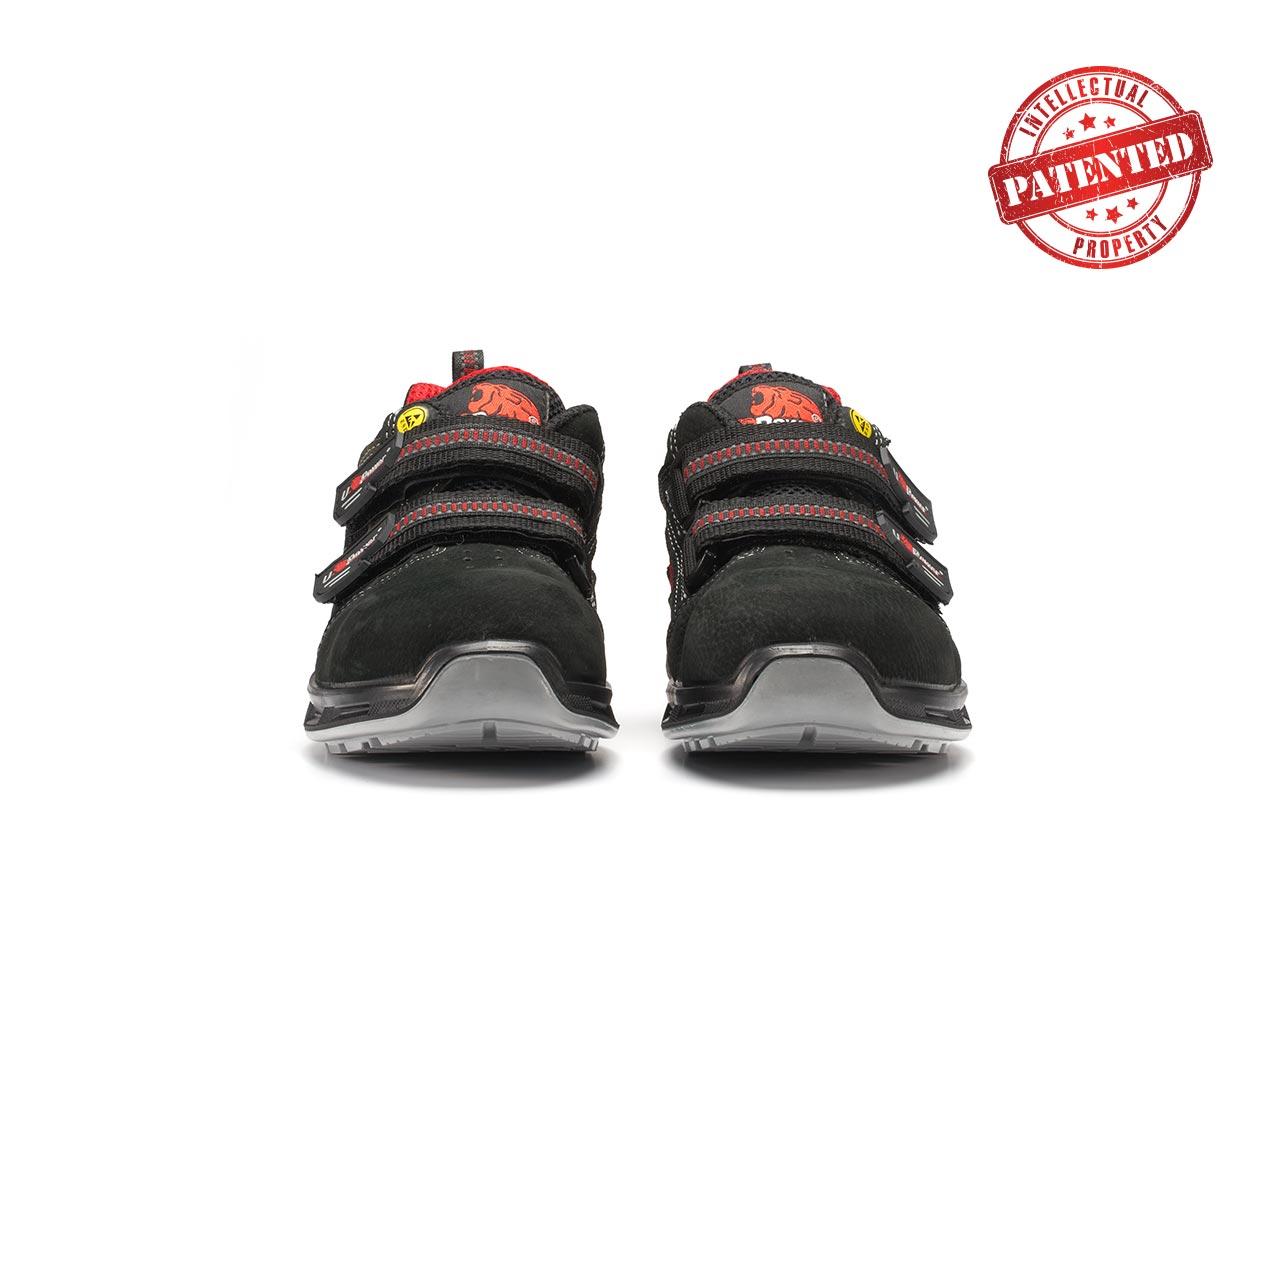 paio di scarpe antinfortunistiche upower modello cody linea redlion vista frontale